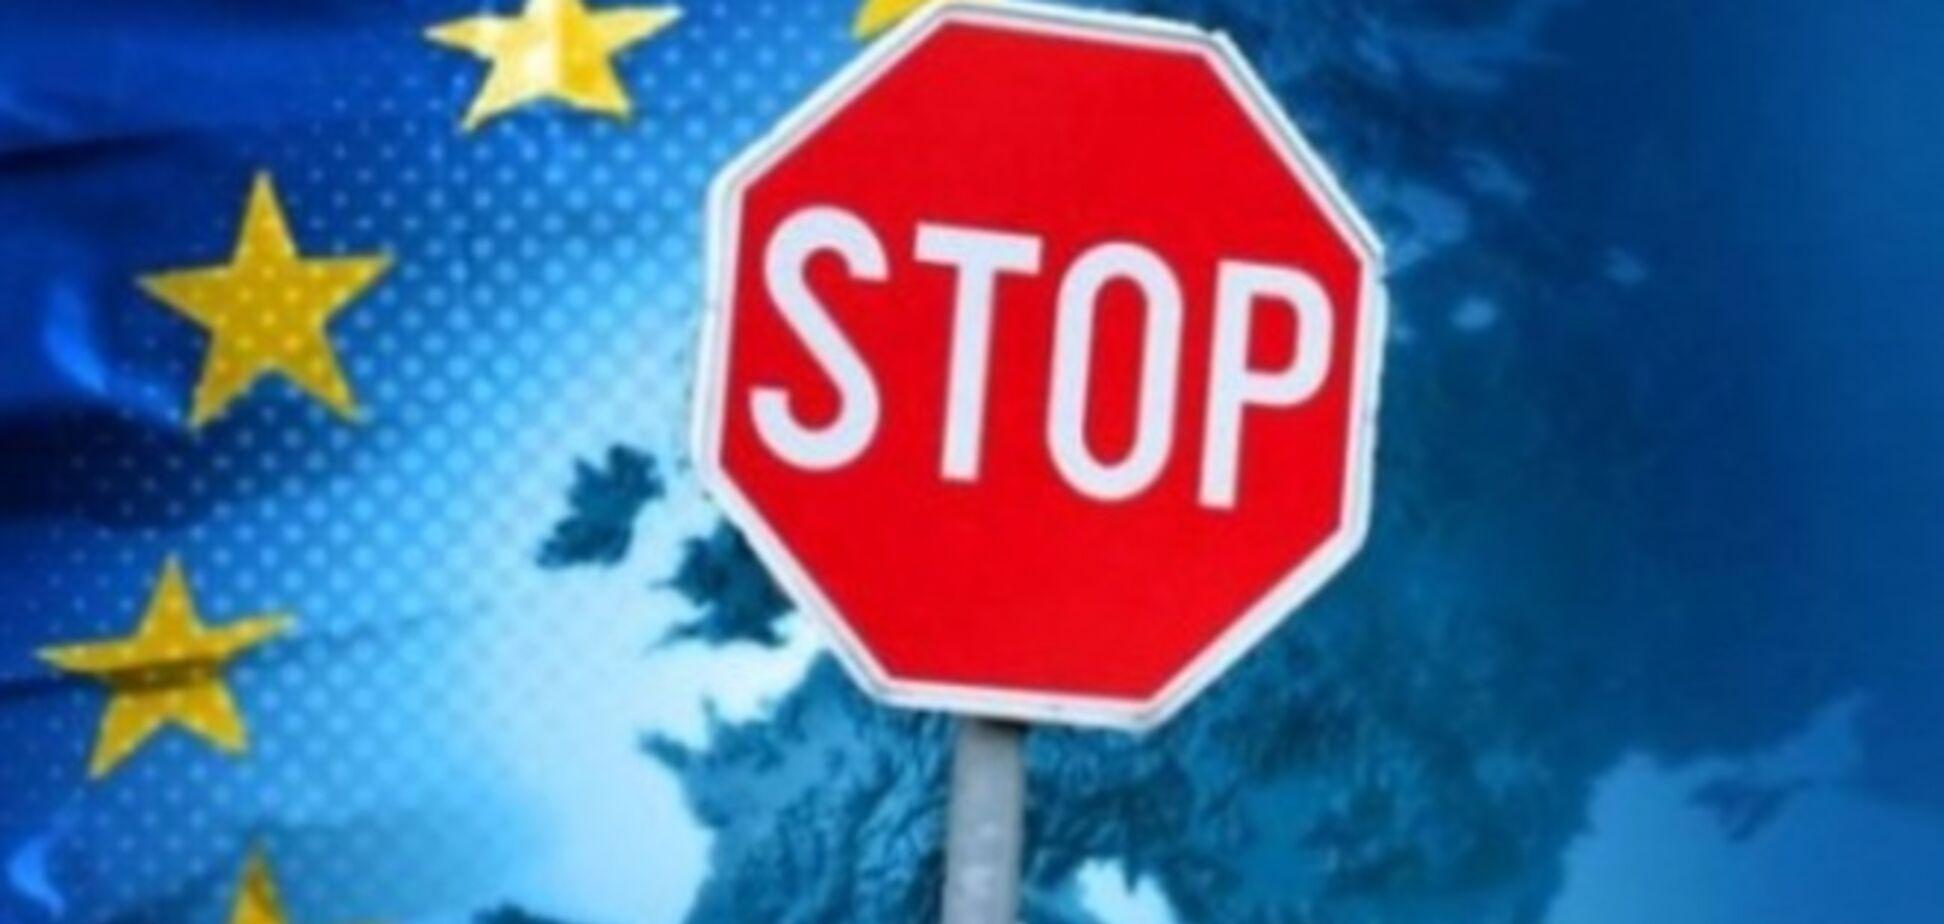 Словаччина, Угорщина, Чехія та Кіпр блокують введення санкцій проти РФ